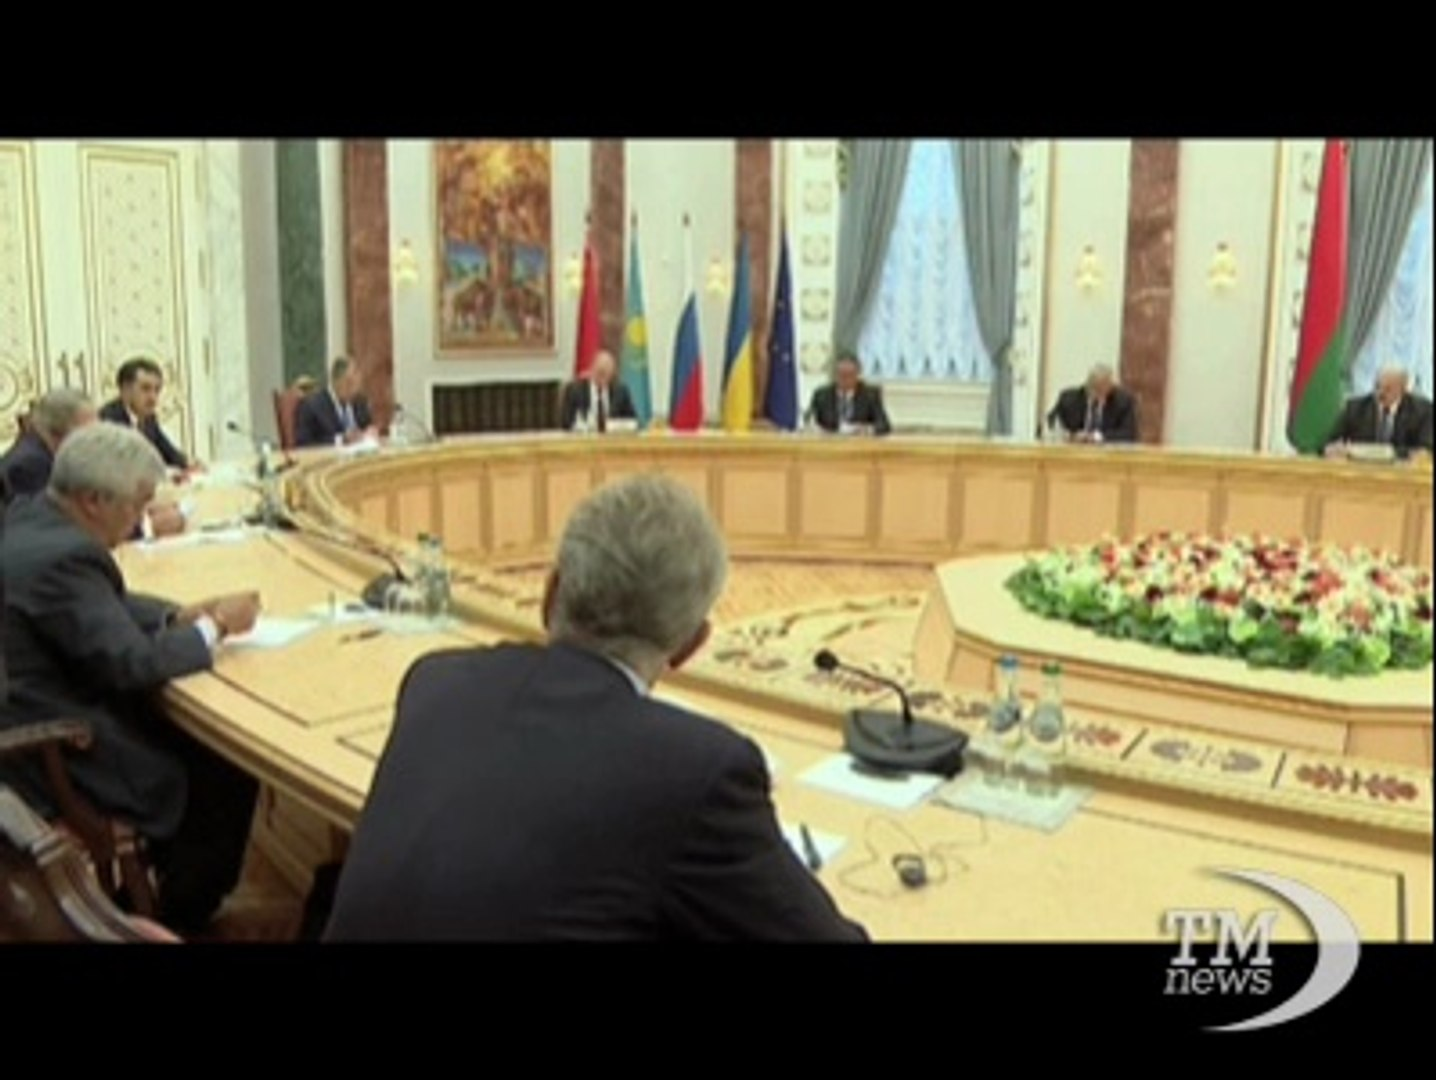 Venti di pace in Ucraina, positivo il vertice a Minsk. Putin: pronti a tutto se si interrompono comb